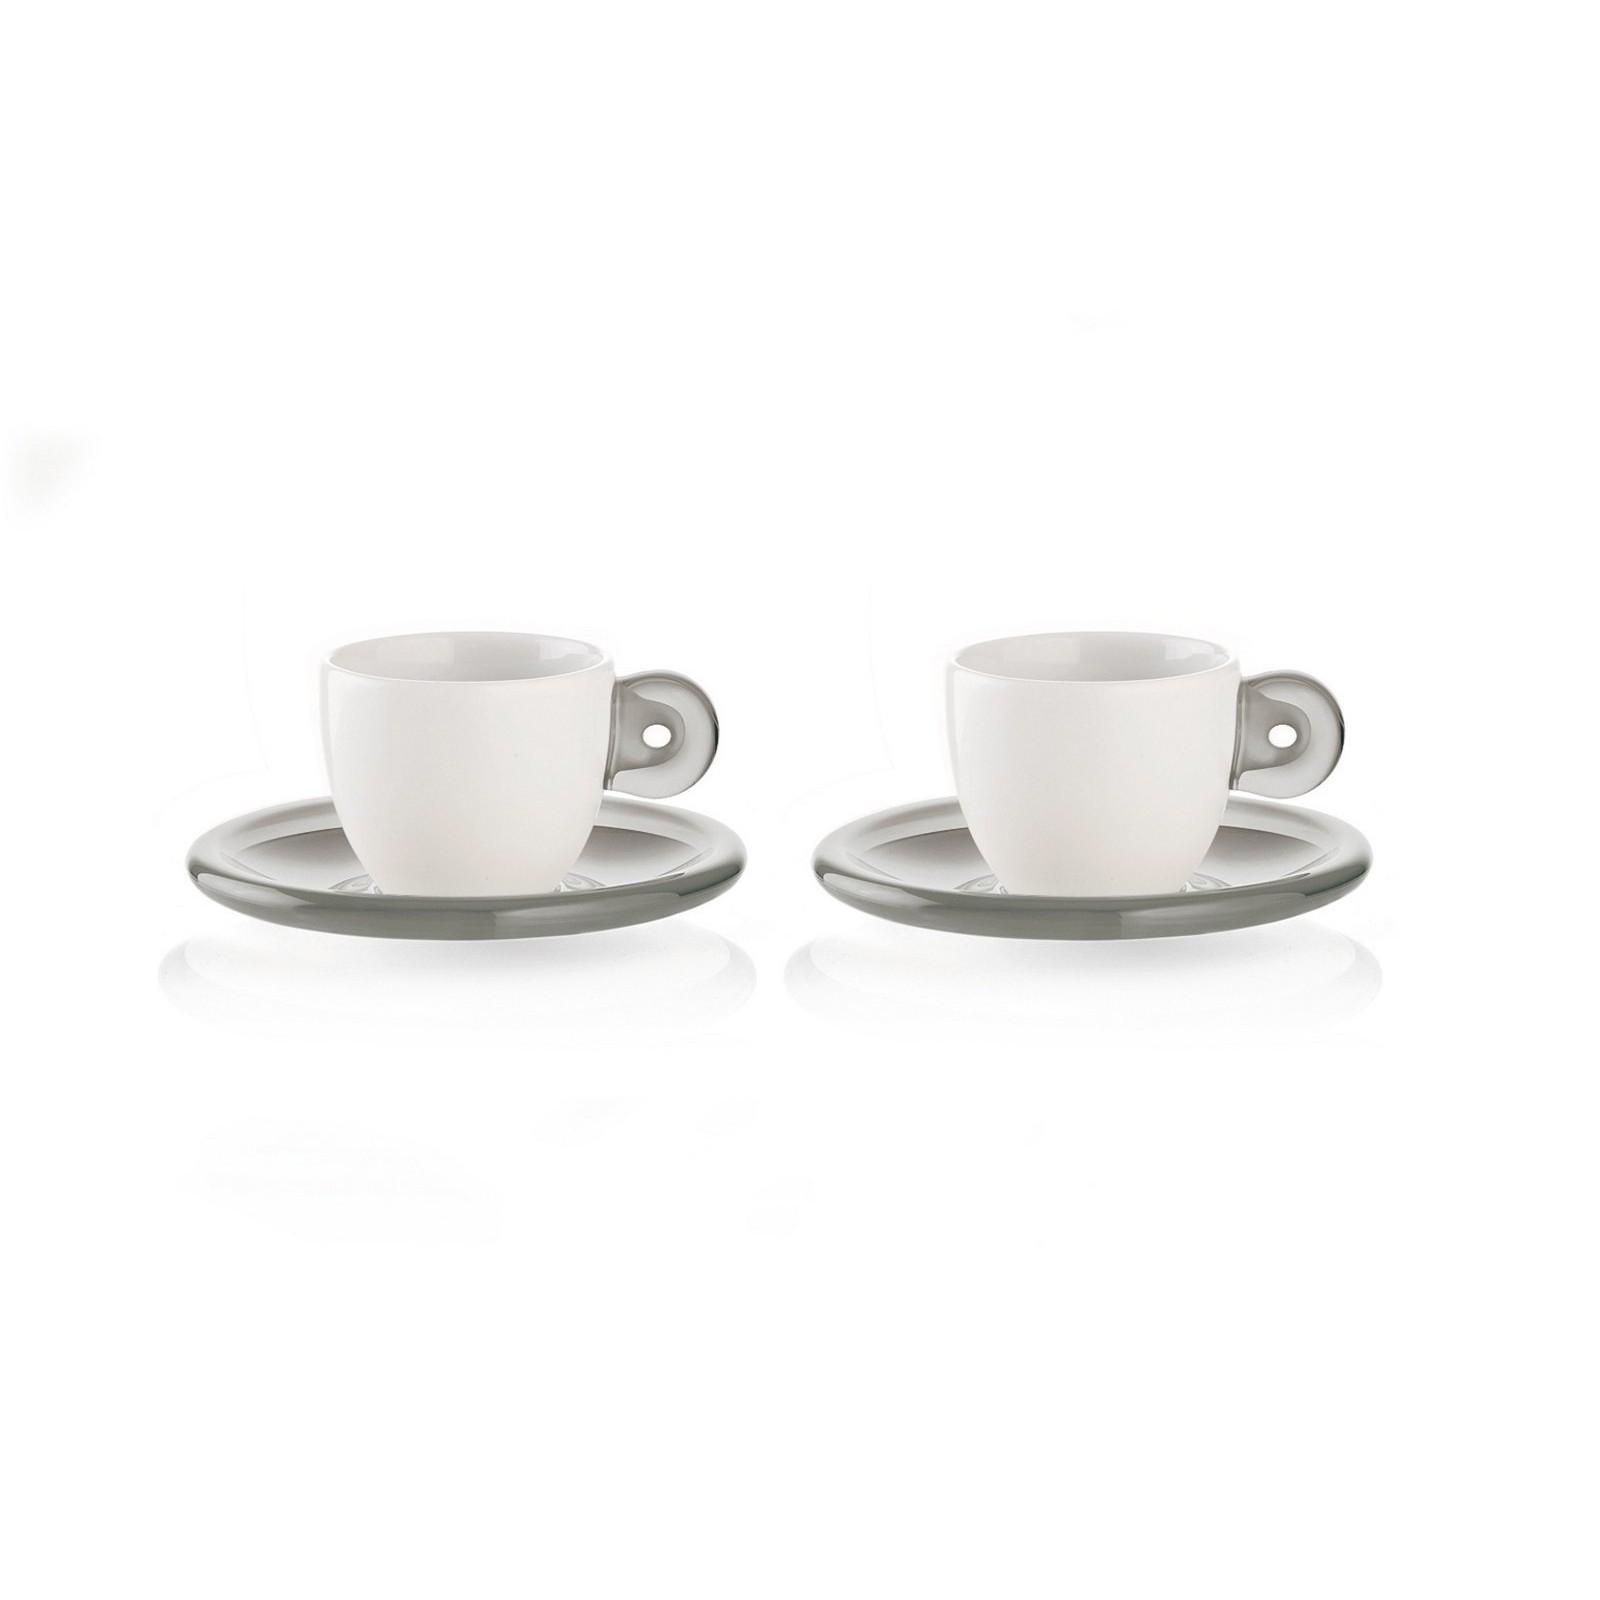 Φλυτζάνι & Πιάτο Καφέ Gocce Grey Σετ 2τμχ. Guzzini home   ειδη σερβιρισματος   κούπες   φλυτζάνια